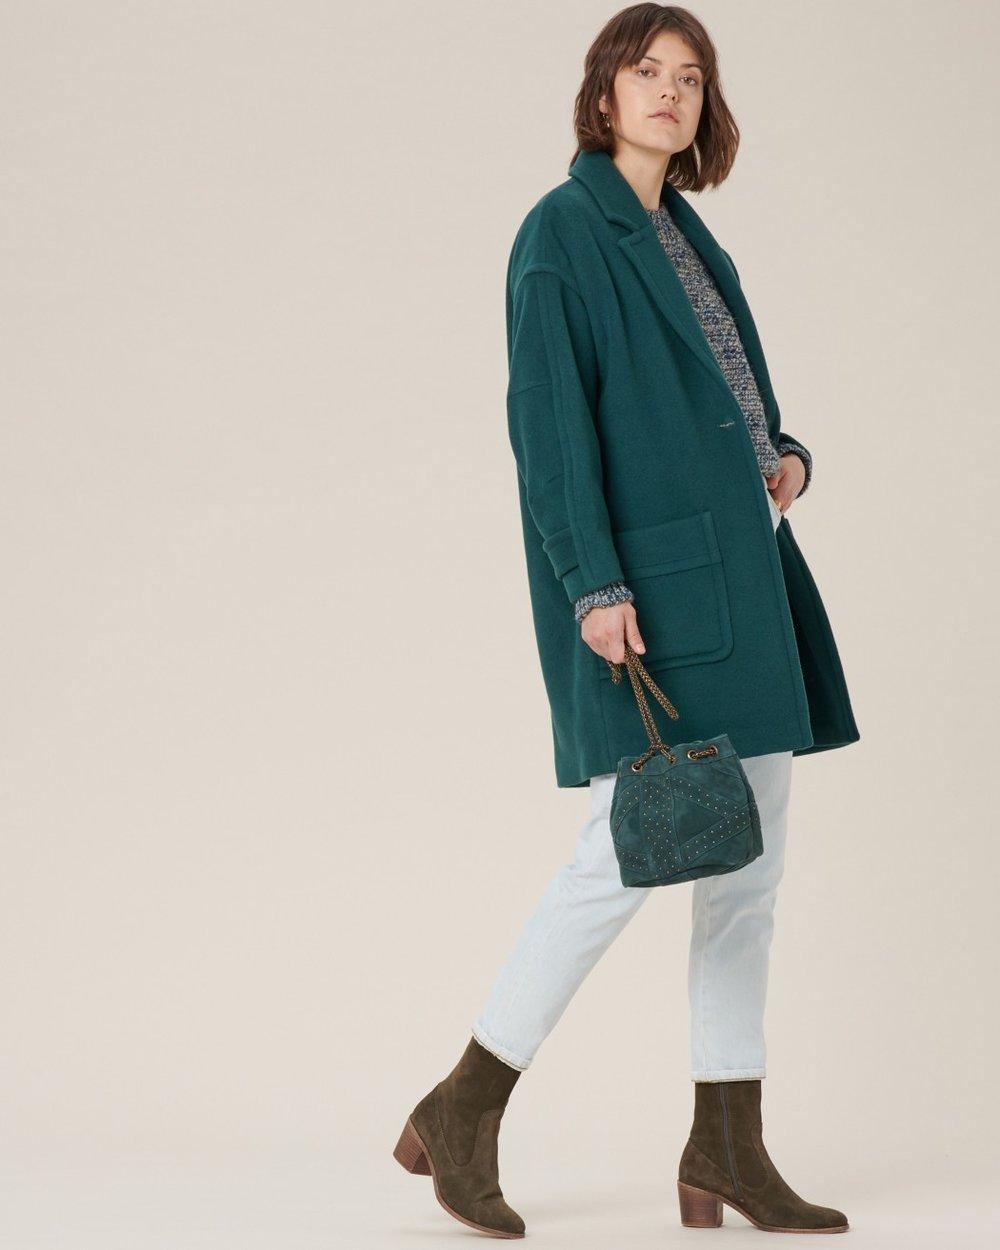 Green oversized coat from Sessùn